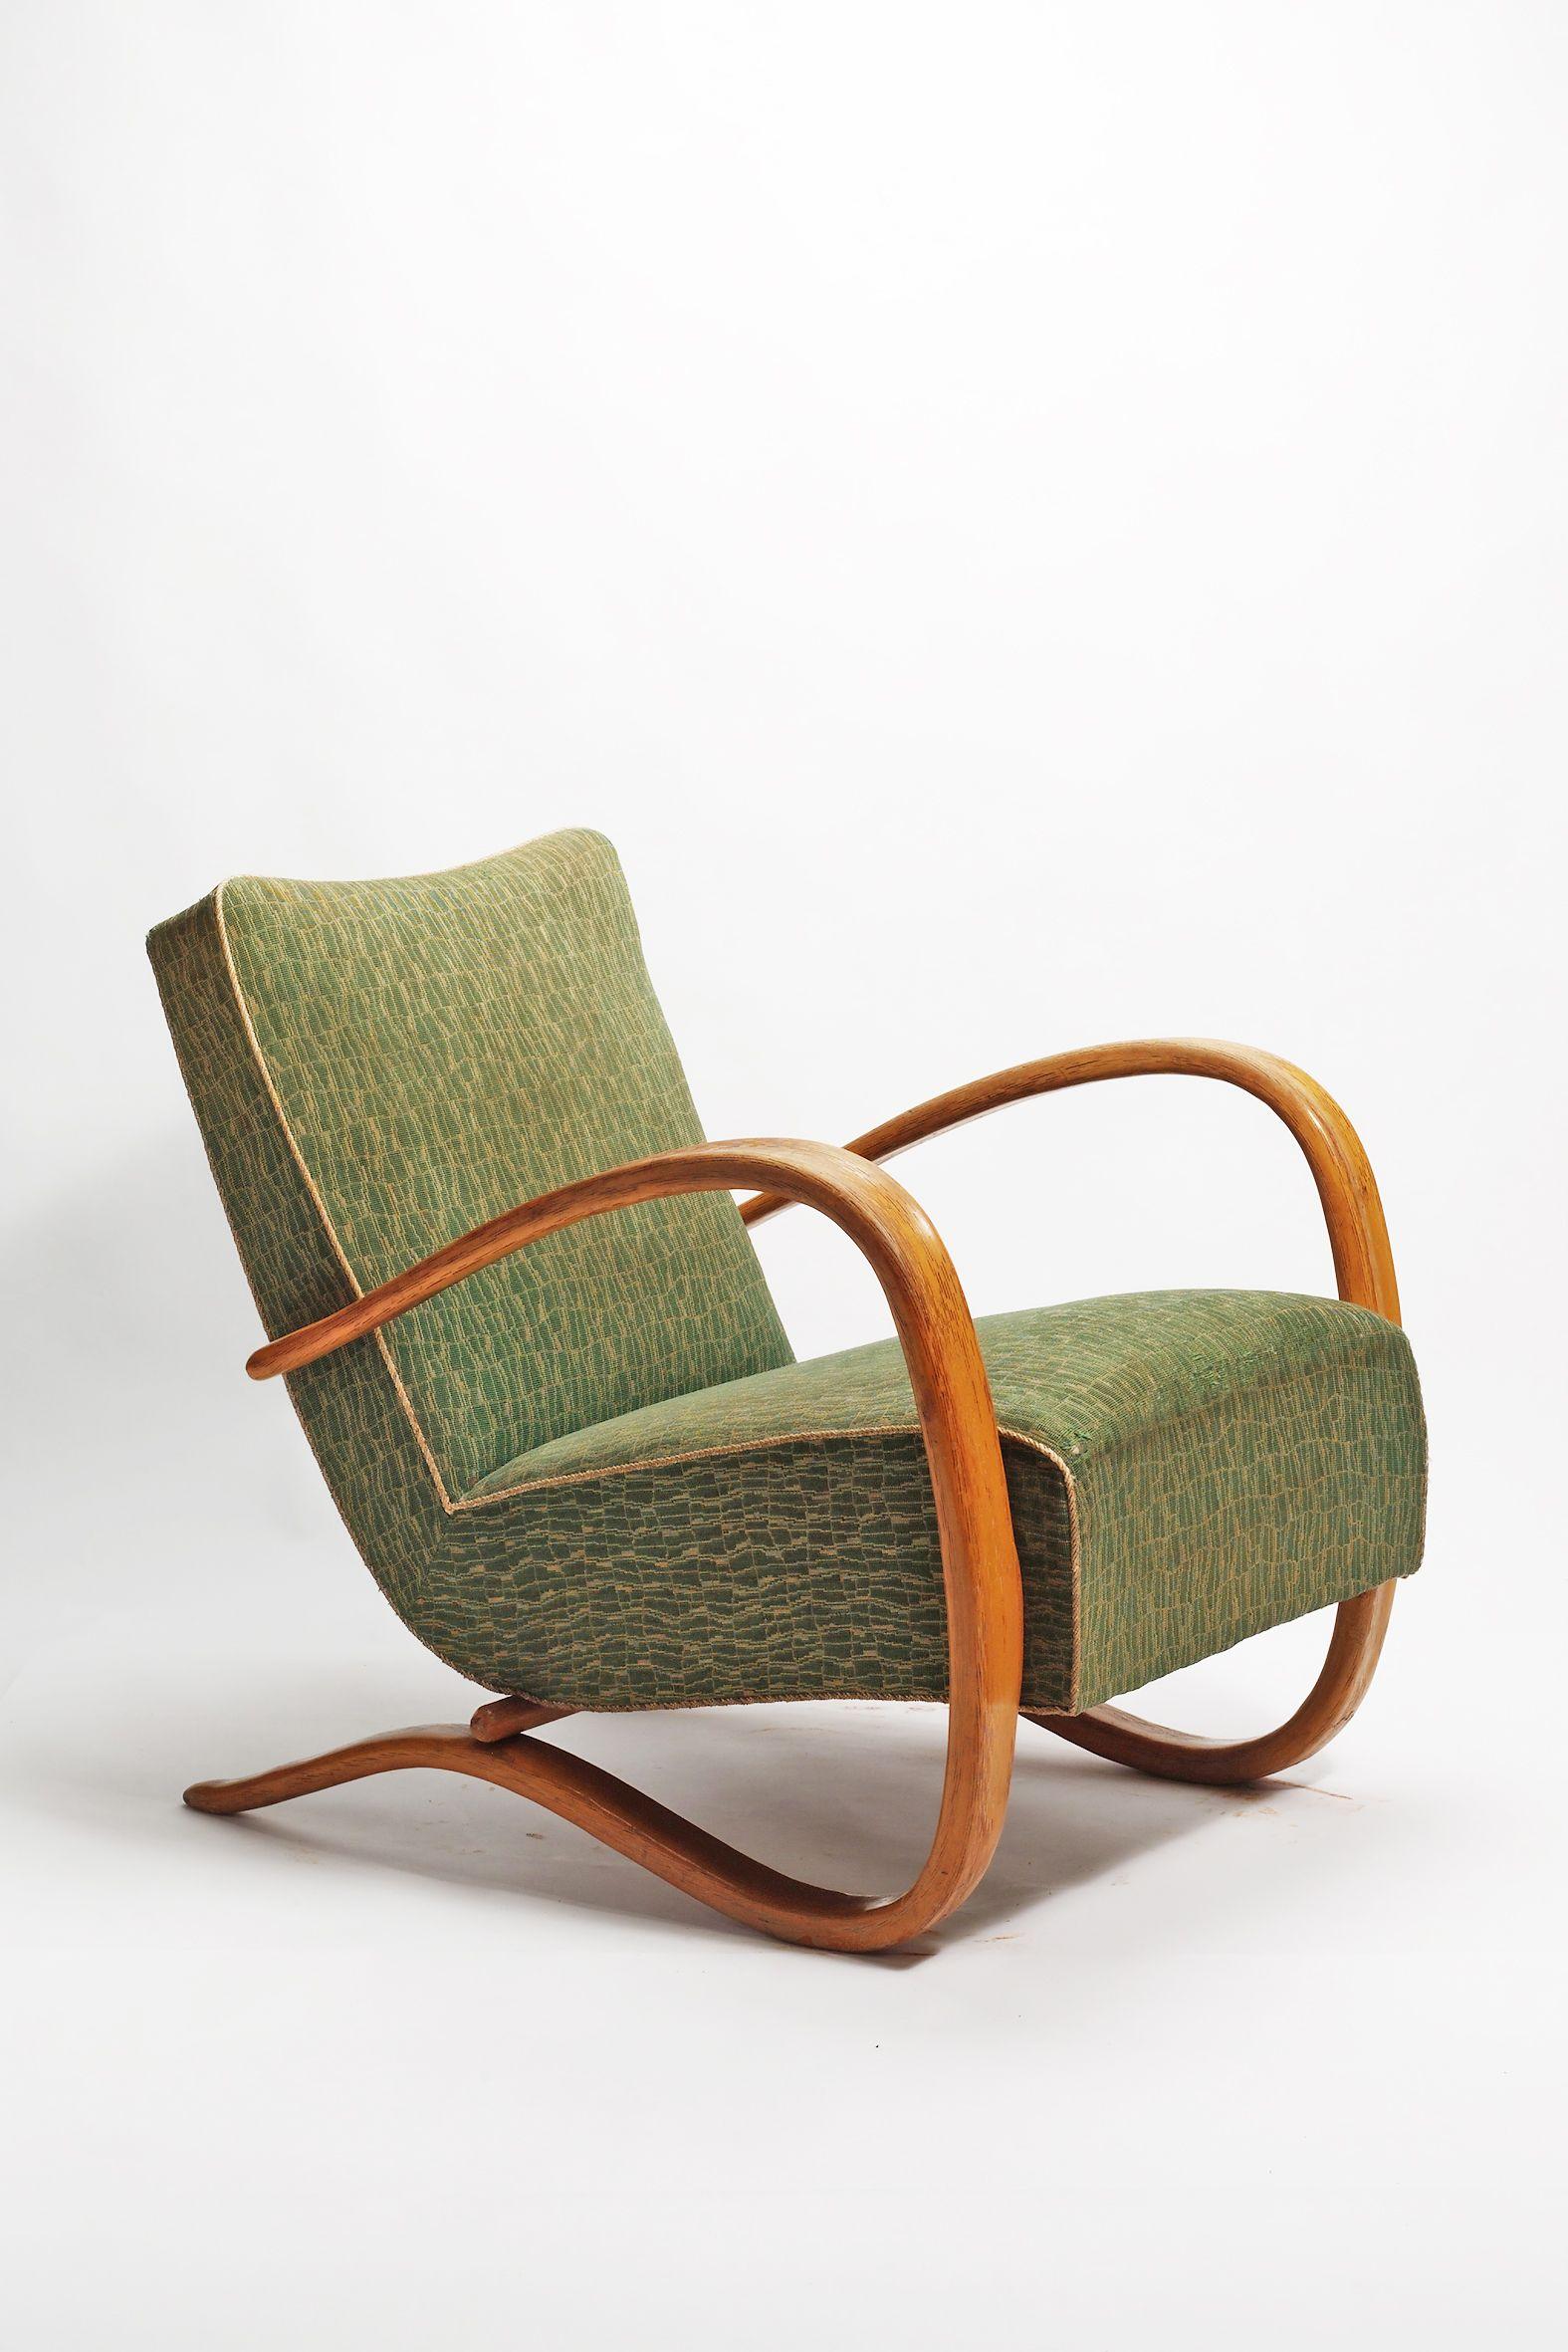 Jindrich Halabala Fauteuil H 269 Um 1940 Chair Designs